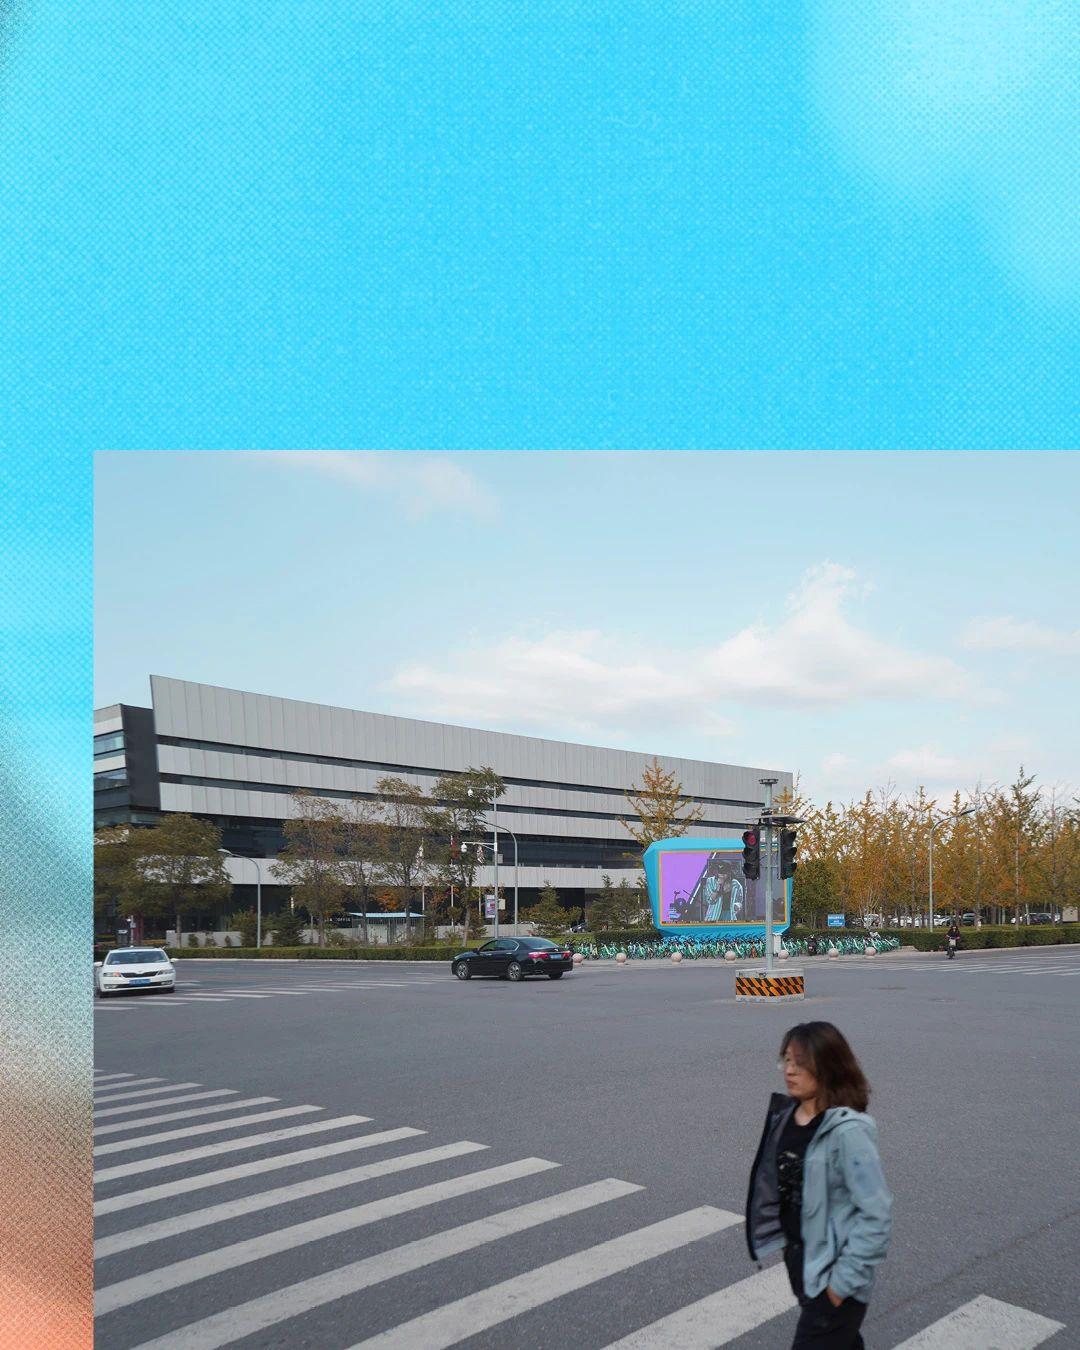 """""""泡泡后厂村""""聚焦北京北五环外被称为""""中国硅谷""""的后厂村,以这一地区为例,探讨建筑、地理特征和物理空间如何塑造社会空间的形态,以及社会结构在何种程度上受到社会空间和外部环境的影响和制约。 详情请关注北京德国文化中心歌德学院微信公众号"""